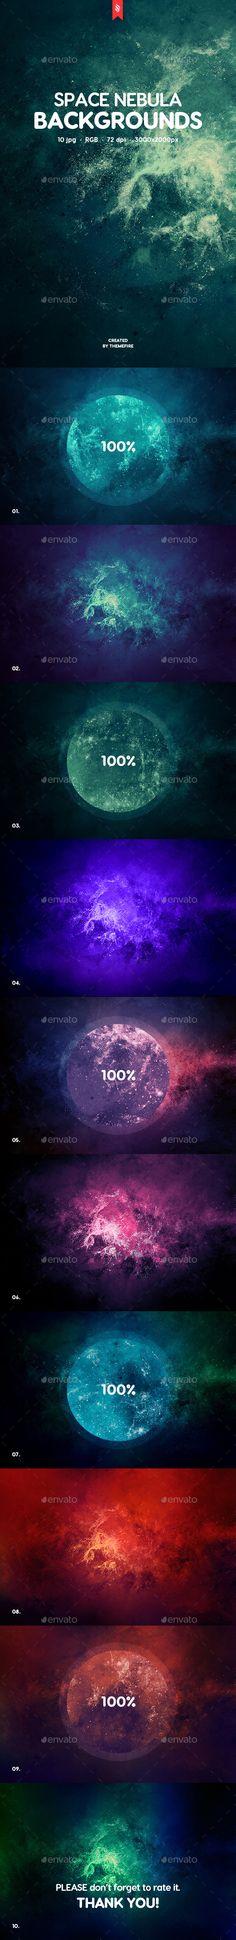 Space Nebula Backgrounds